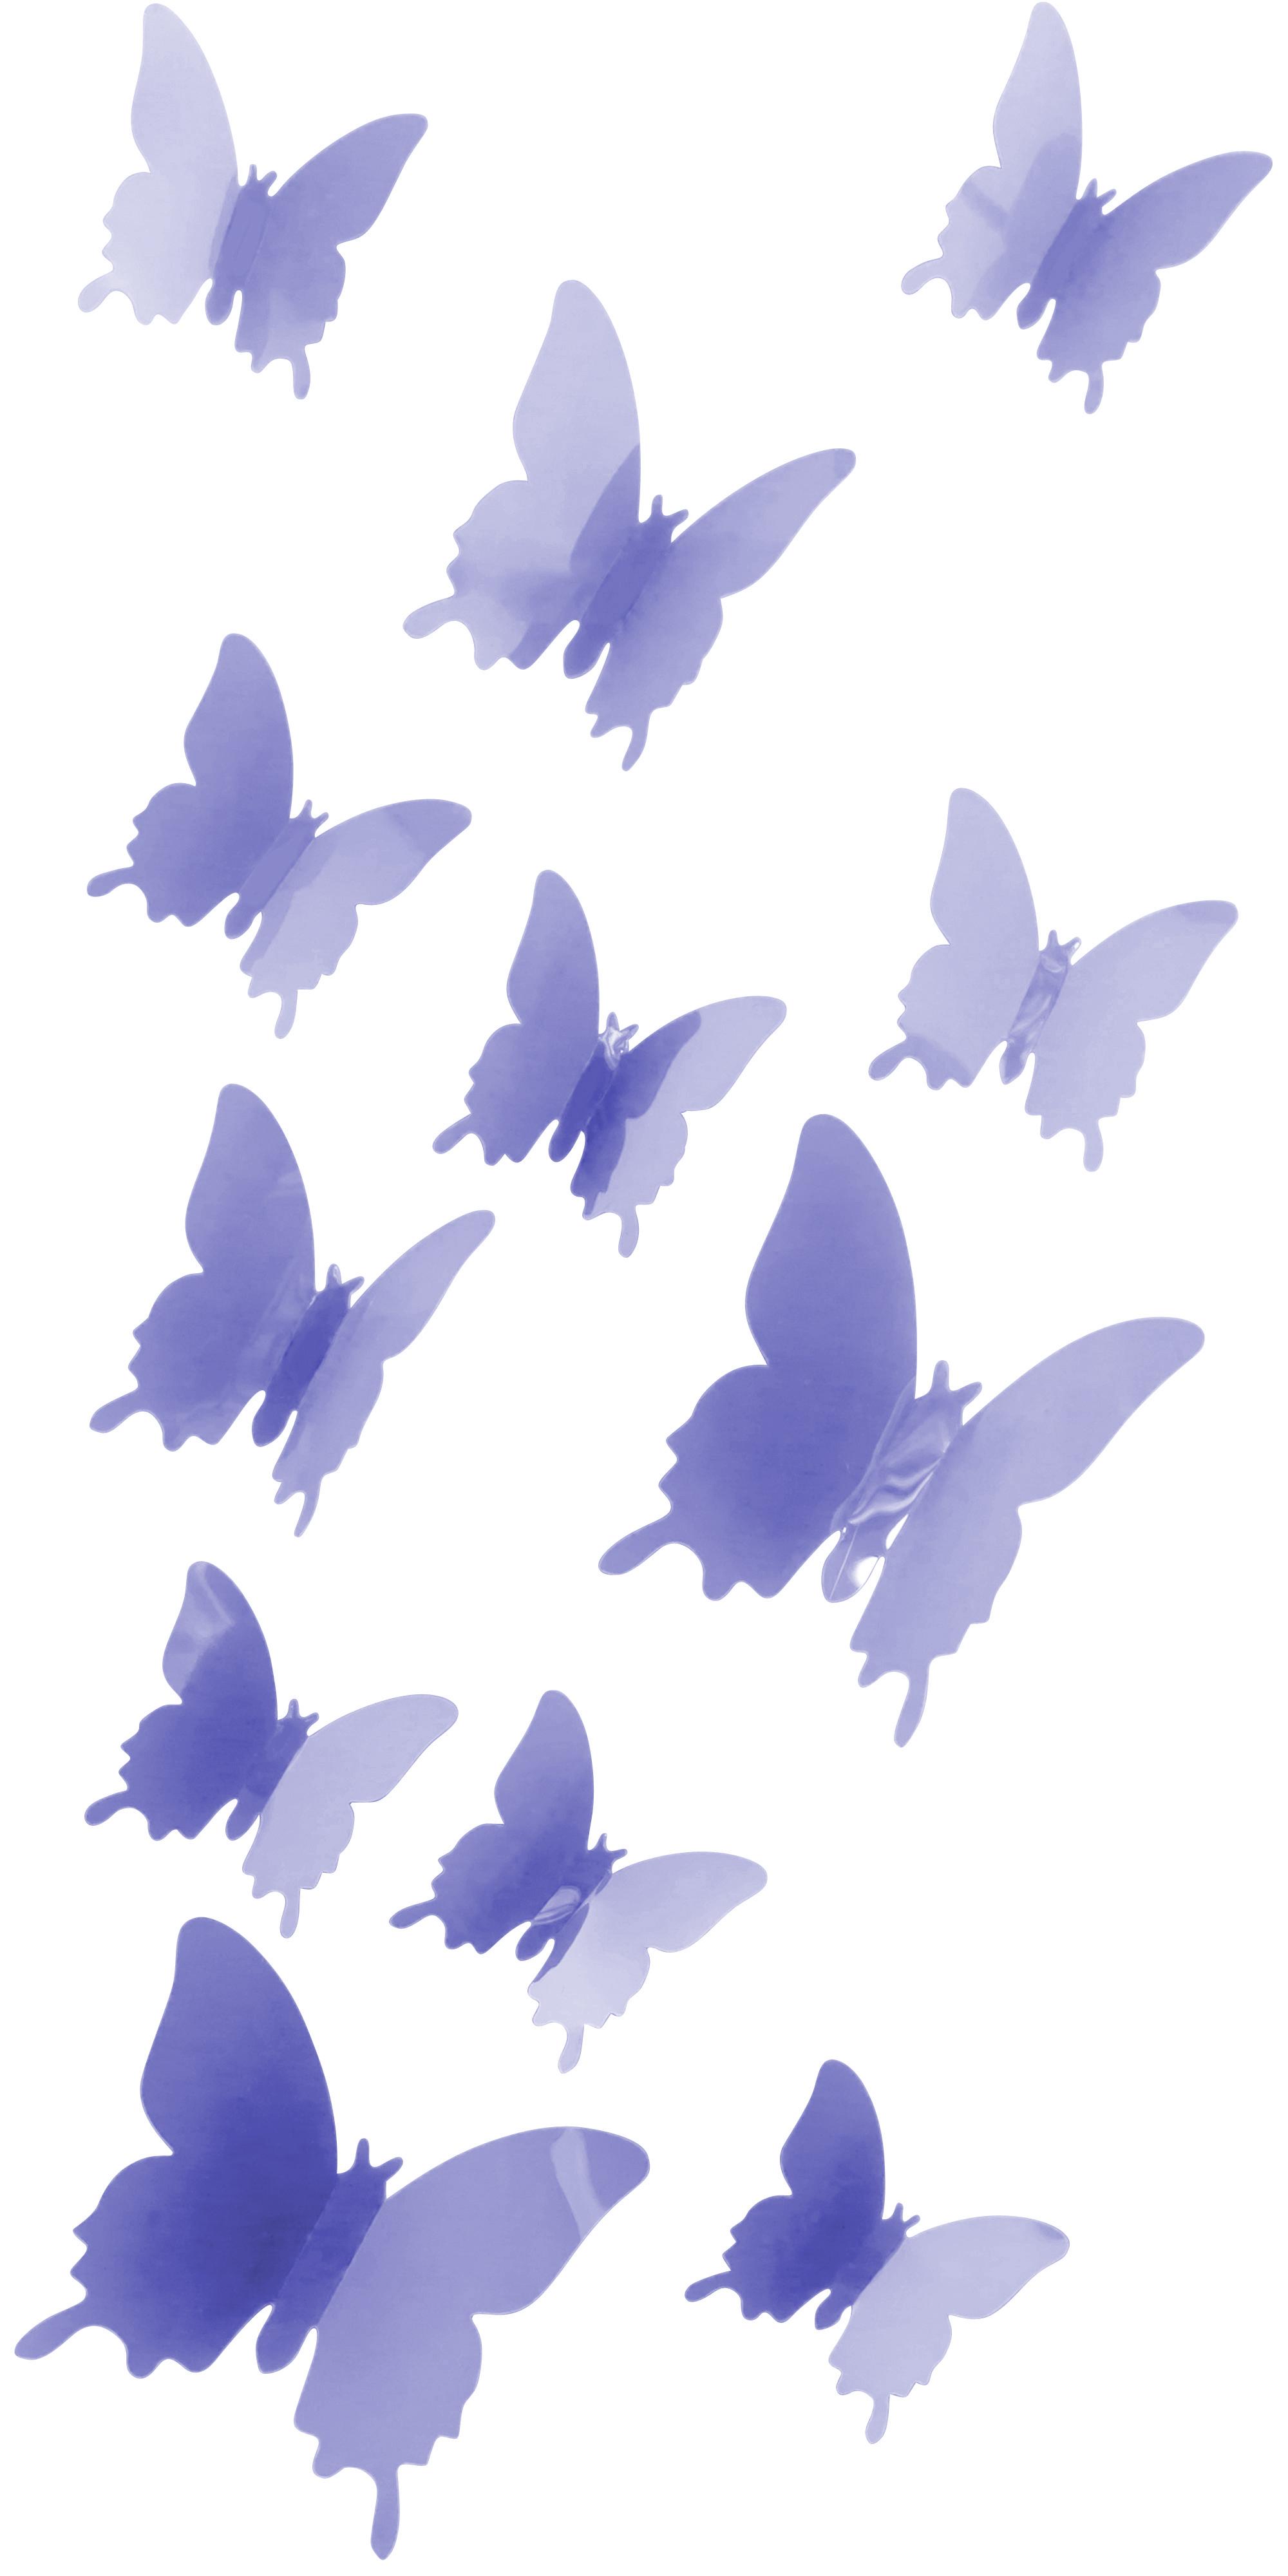 Schmetterlinge in 3d wandsticker wand dekoration deko for Foto dekoration wand